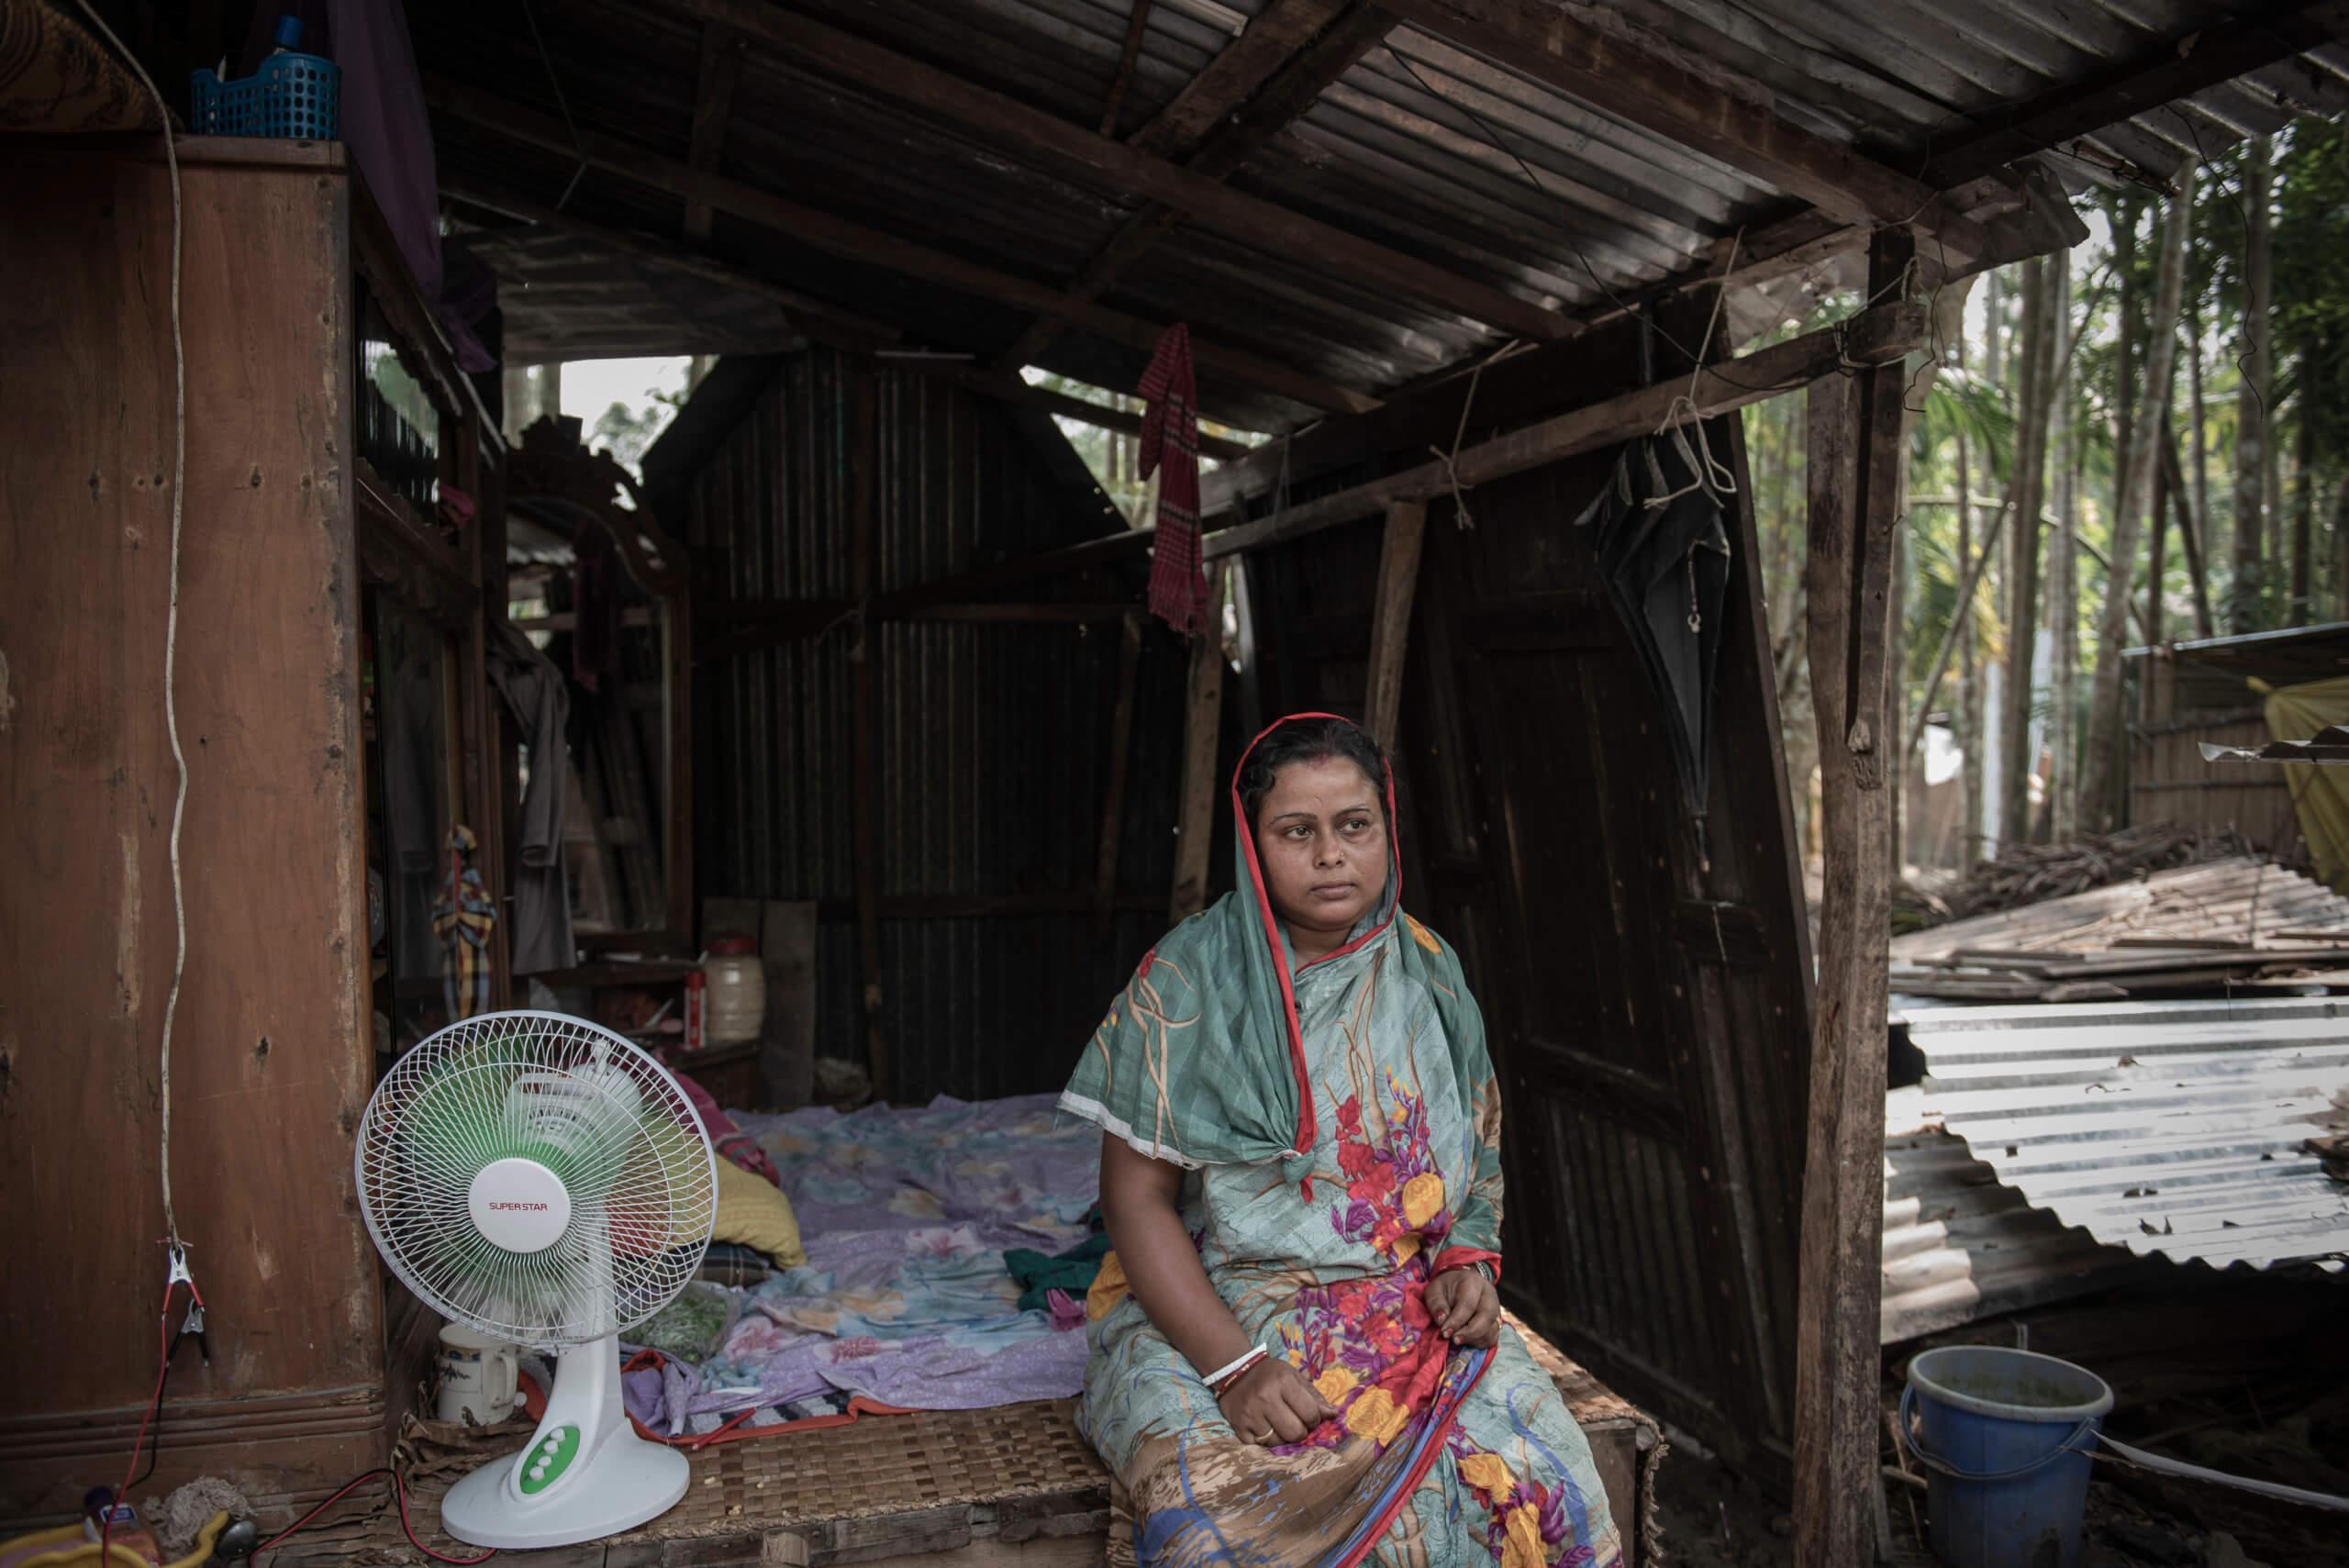 Chandana Sakhari i skjulet som är byggt av rester från sitt gamla hus. Här bor hon tillsammans med sin man.